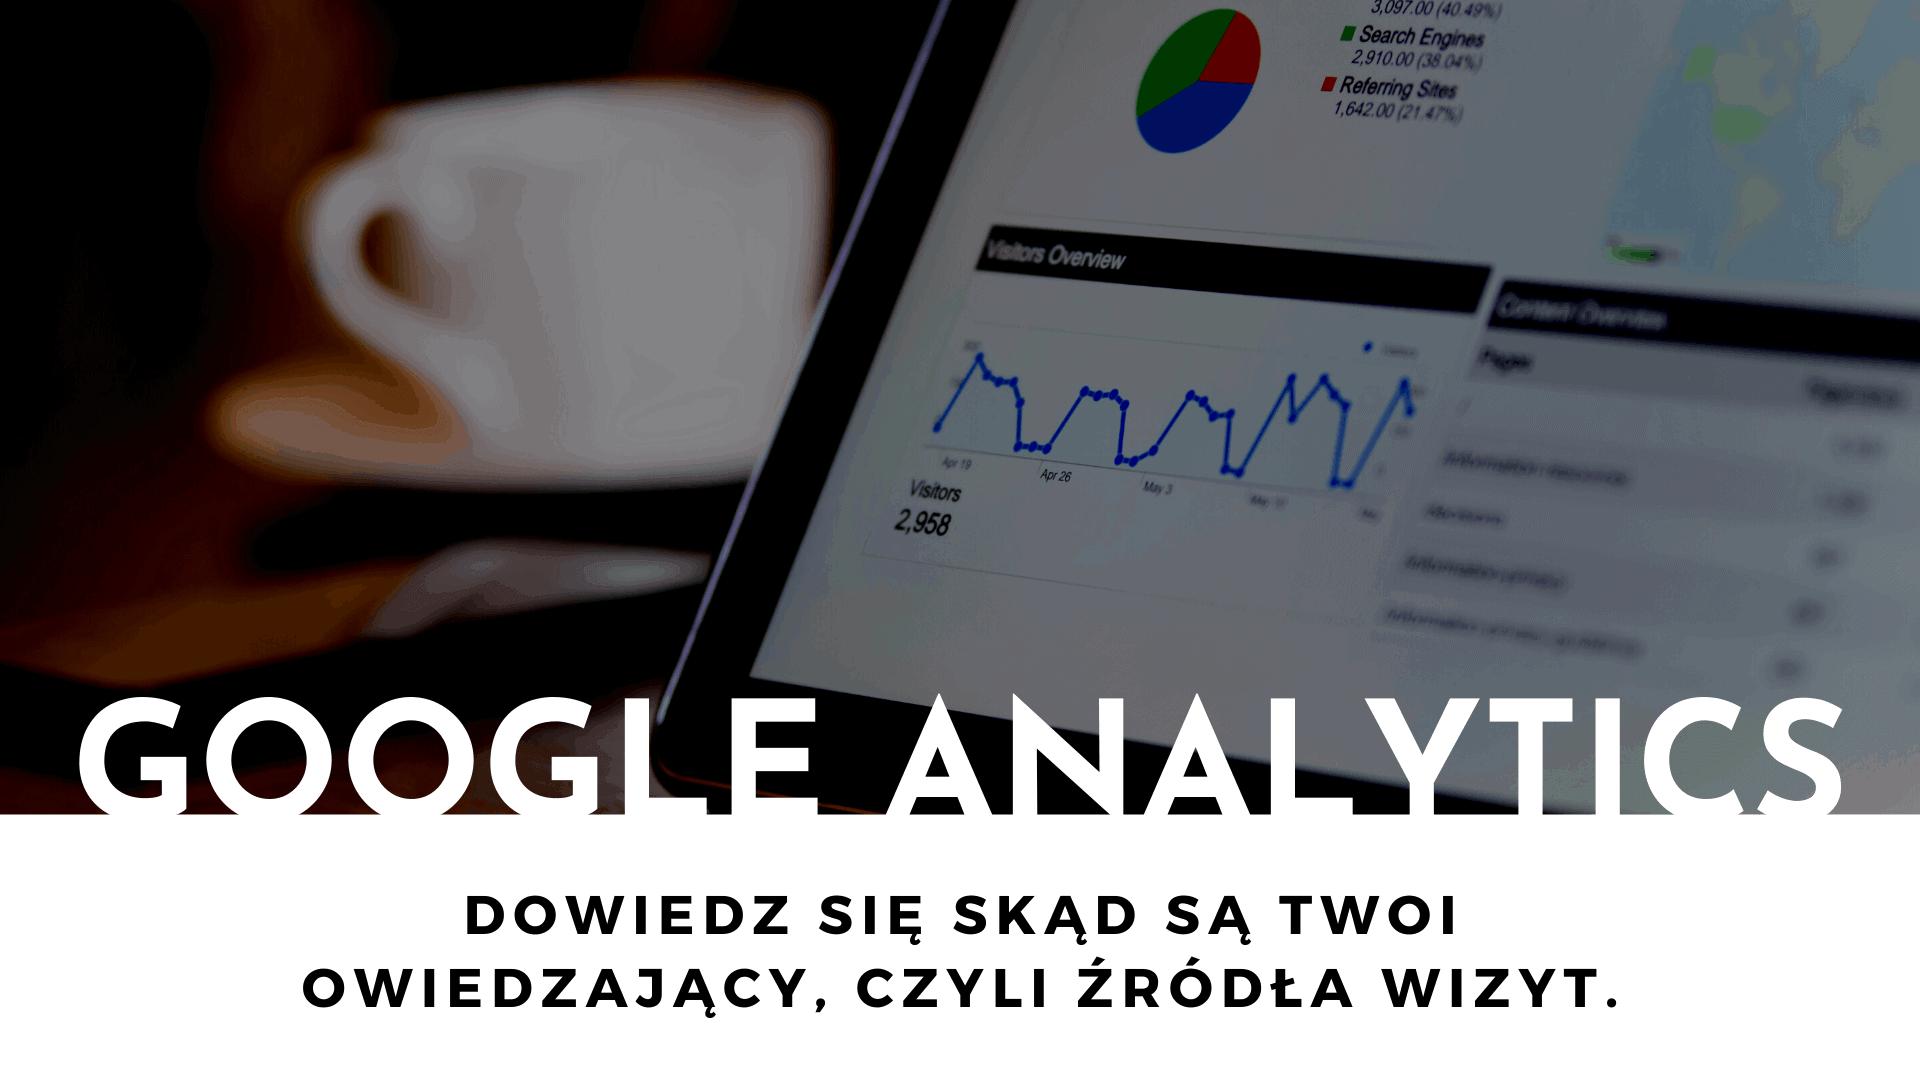 Google] Analytics Źrodła Wizyt